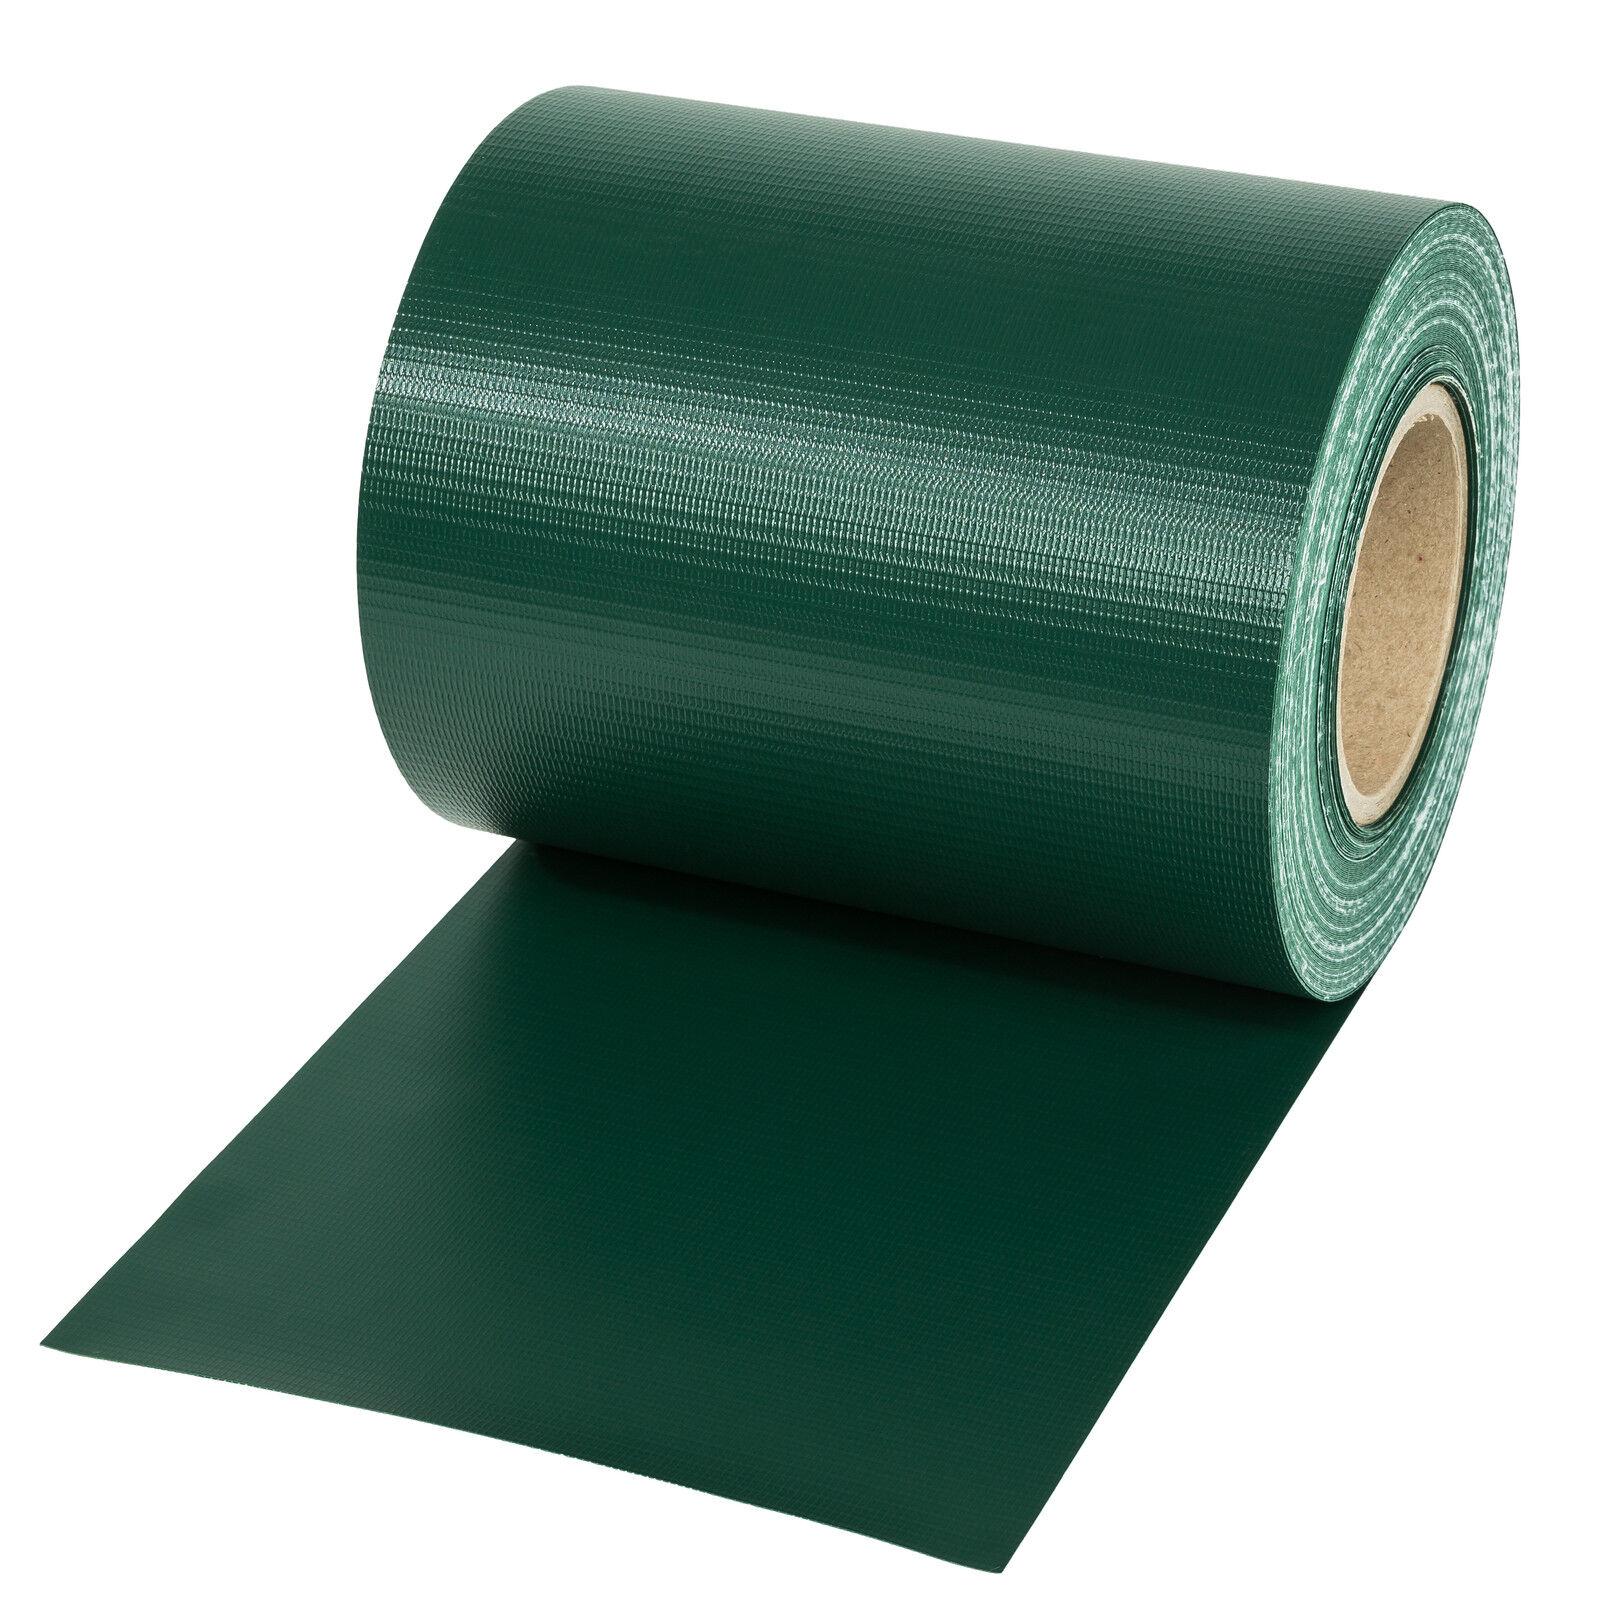 pvc sichtschutz streifen sichtschutzfolie doppelstabmatten schutz zaun 35m gr n eur 19 89. Black Bedroom Furniture Sets. Home Design Ideas